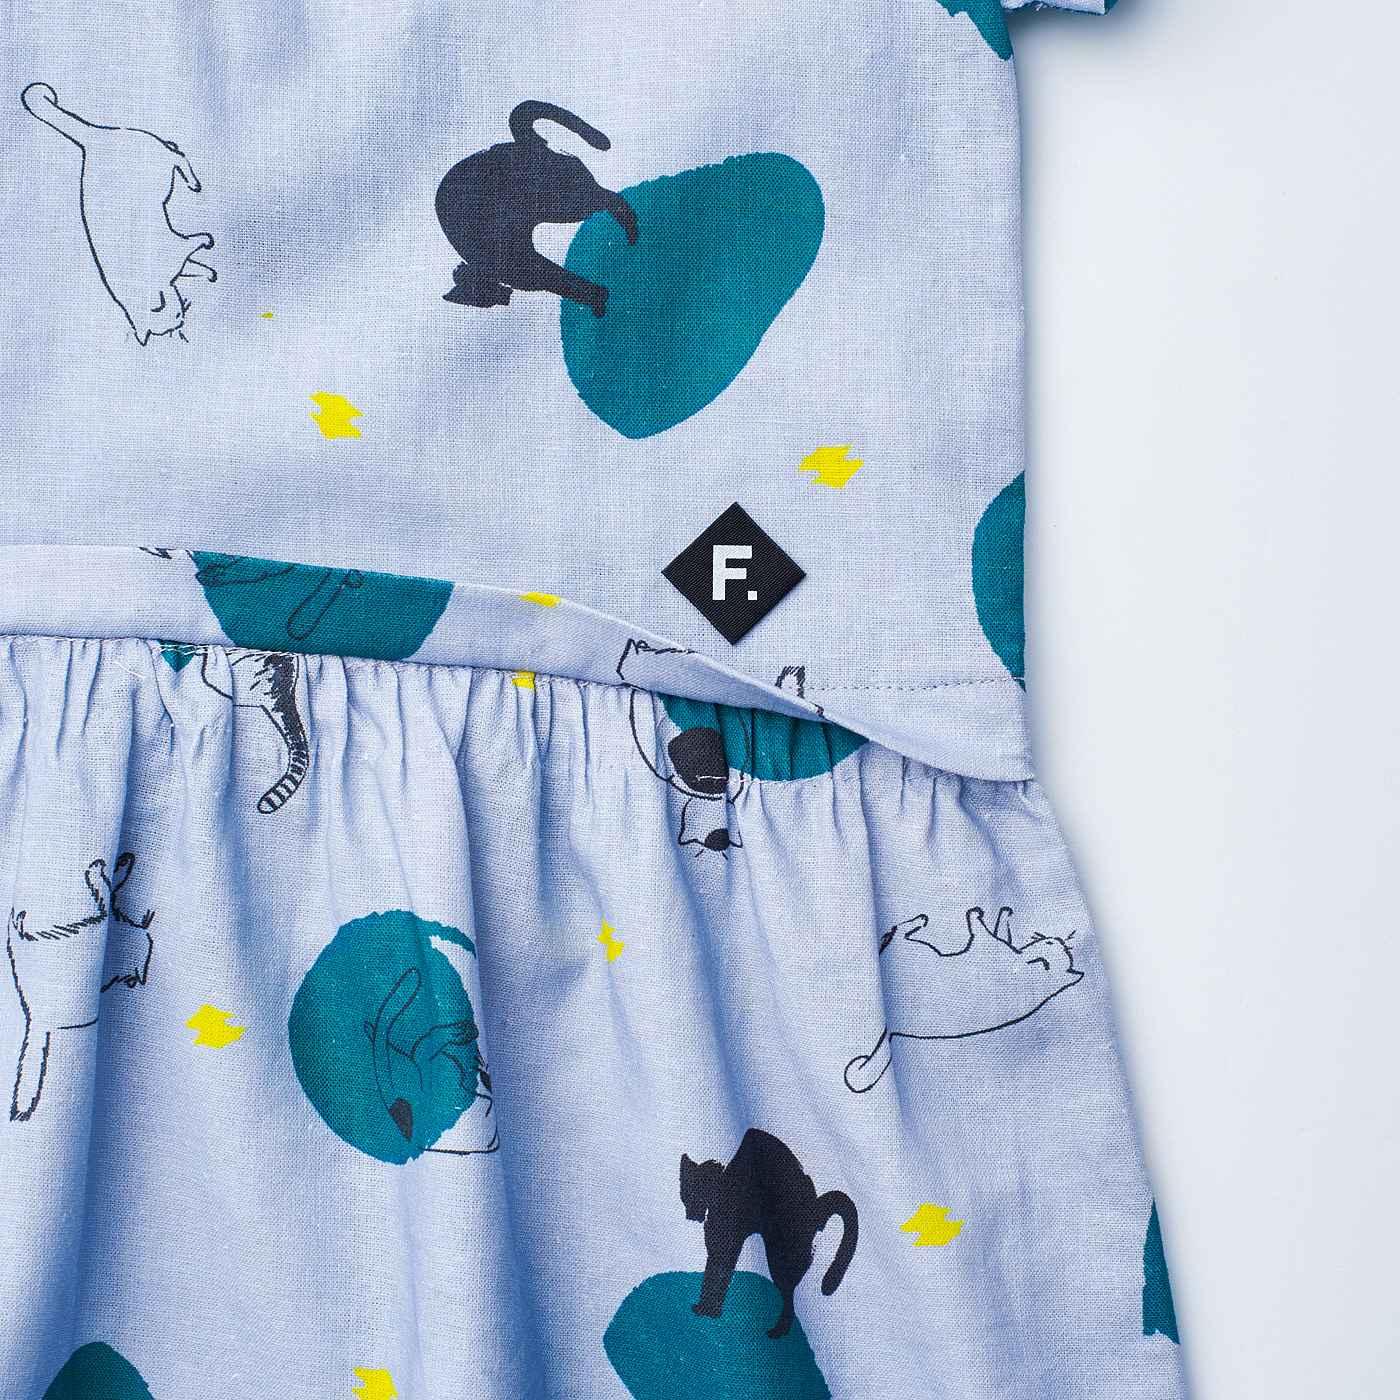 スカートにトップスをドッキングしたデザイン。